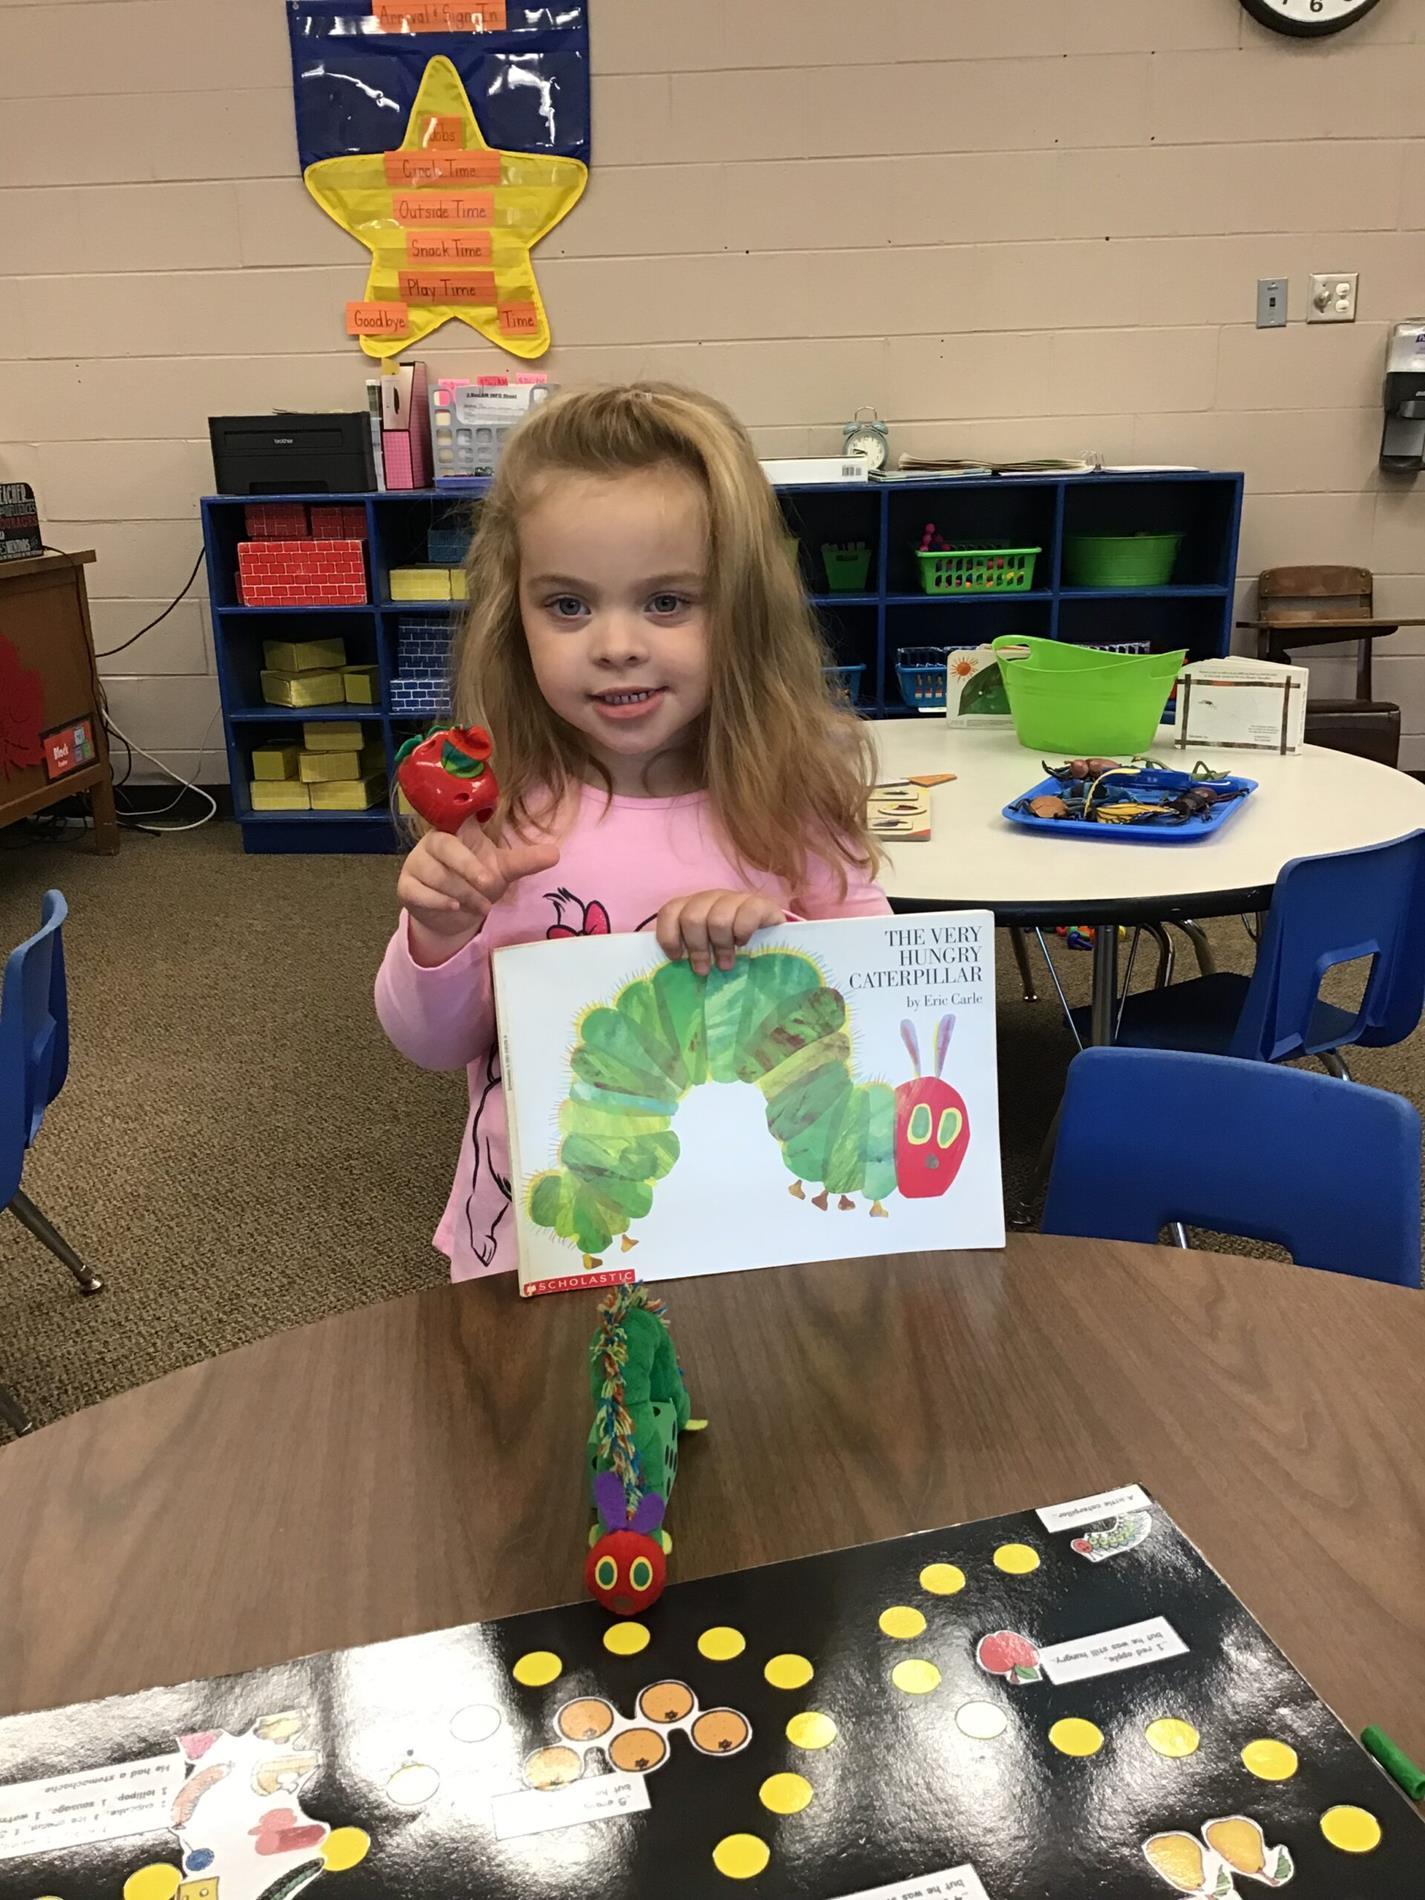 girl holding art